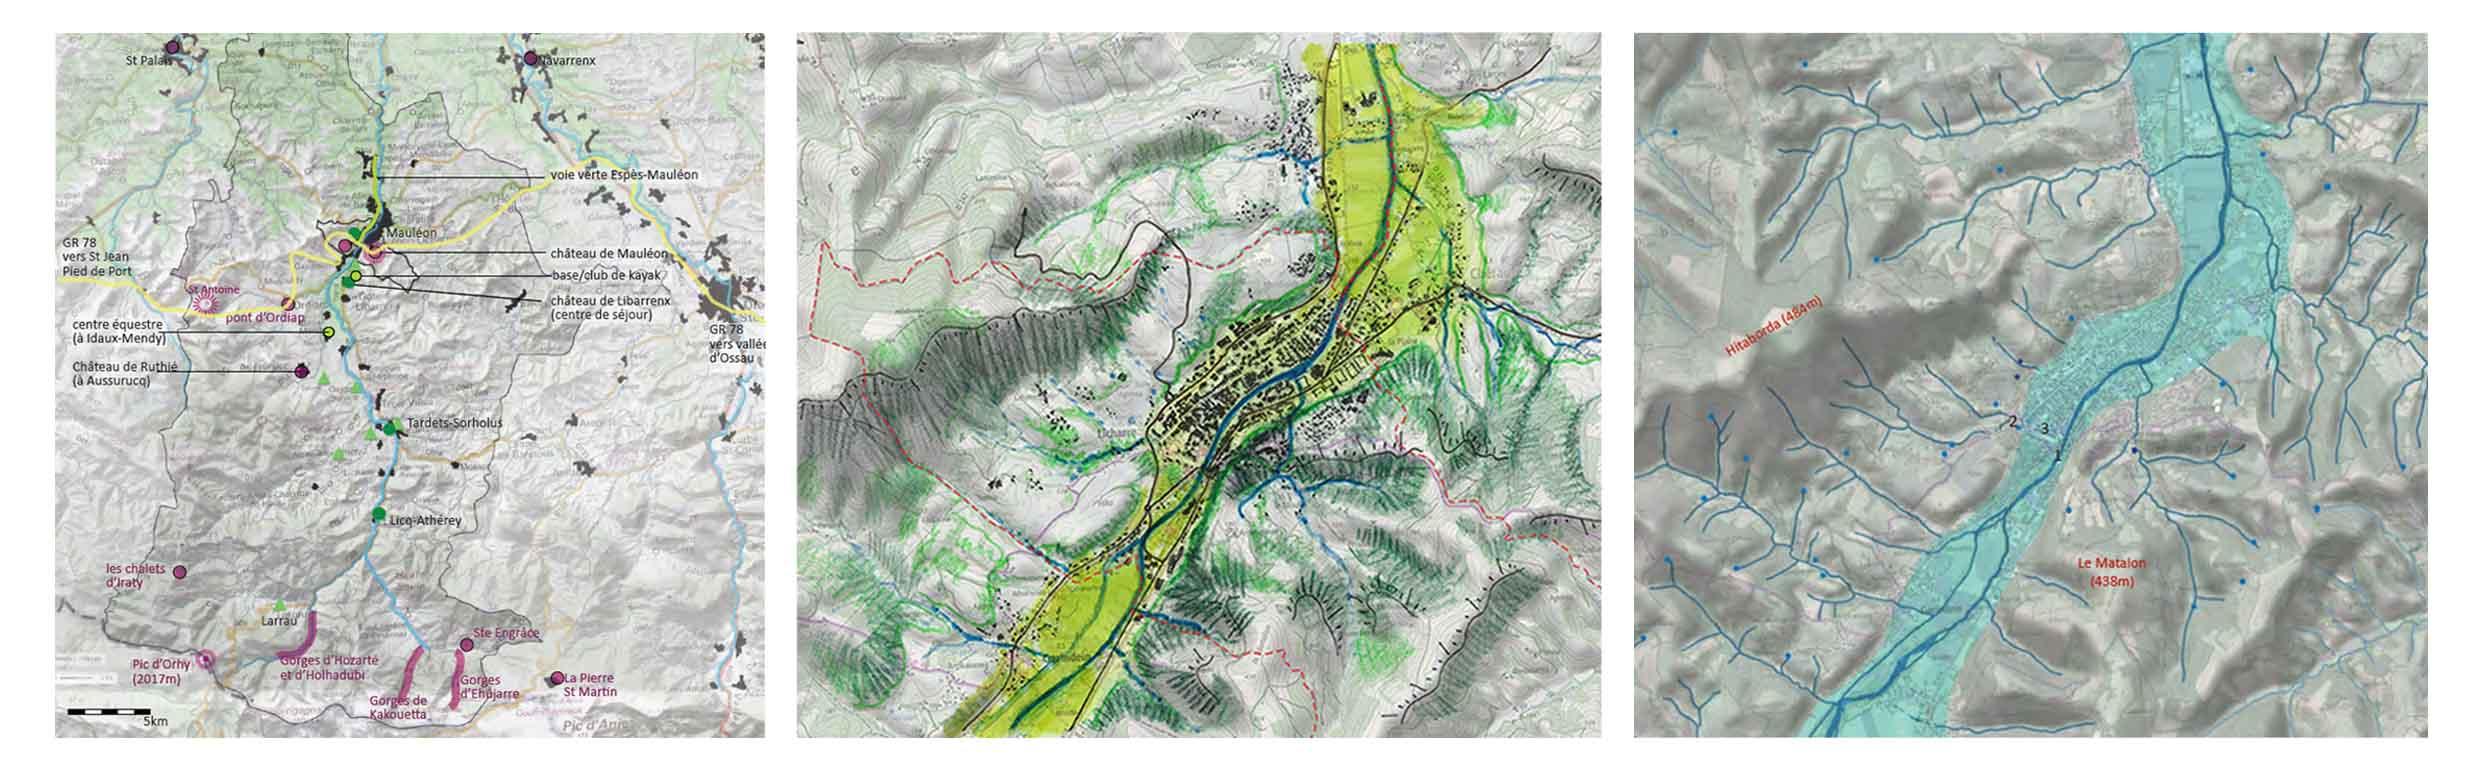 Image carto paysage